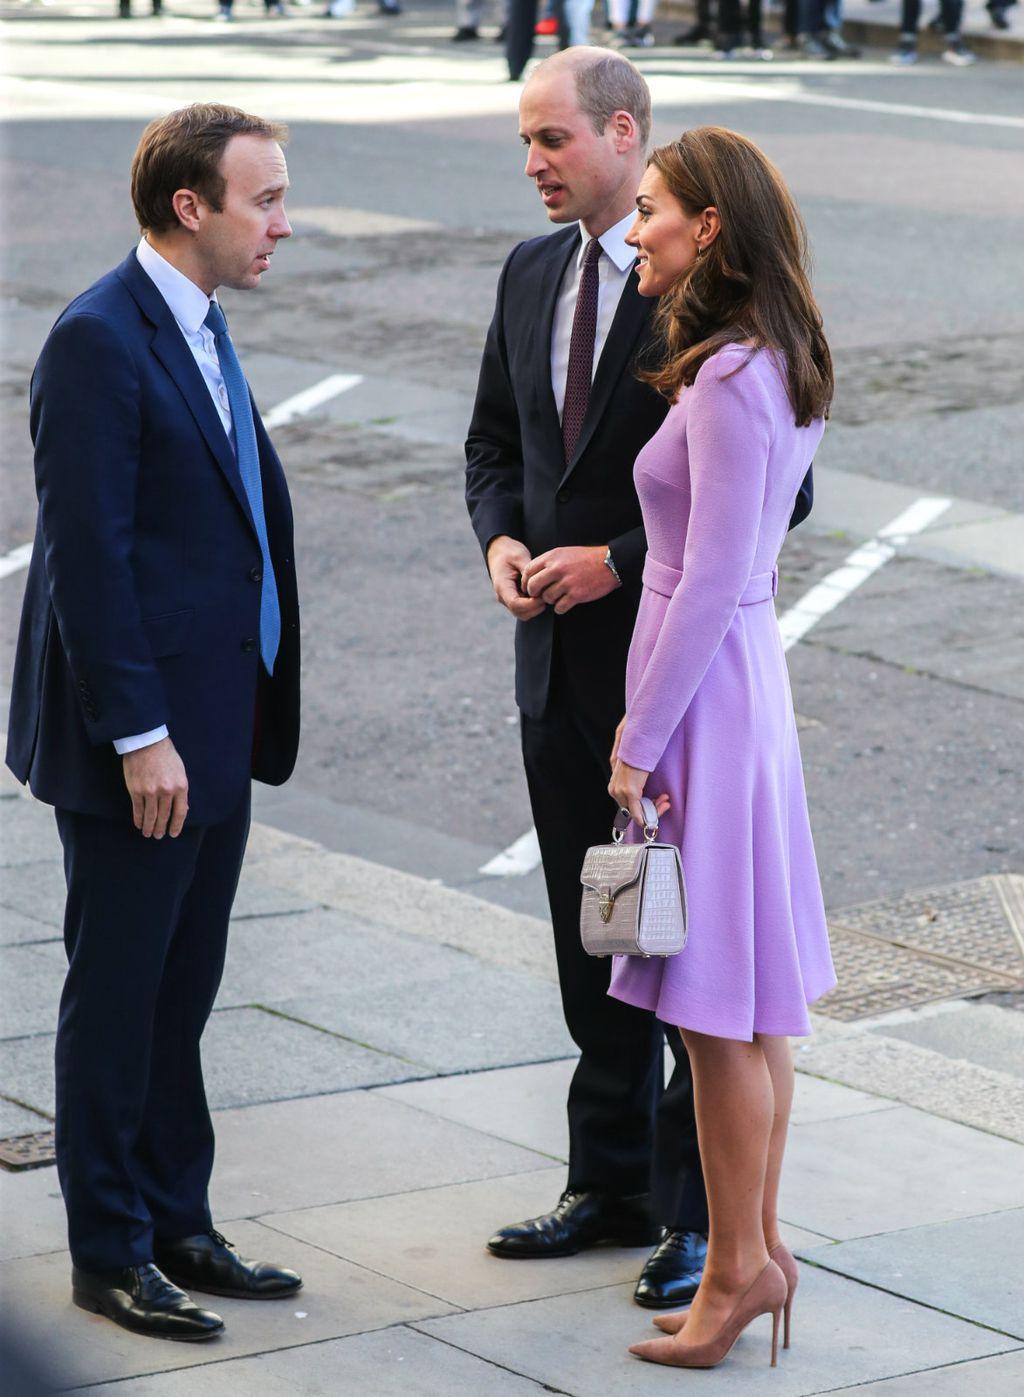 Vojvotkinja i vojvoda od Cambridgea došli su na summit o mentalnom zdravlju